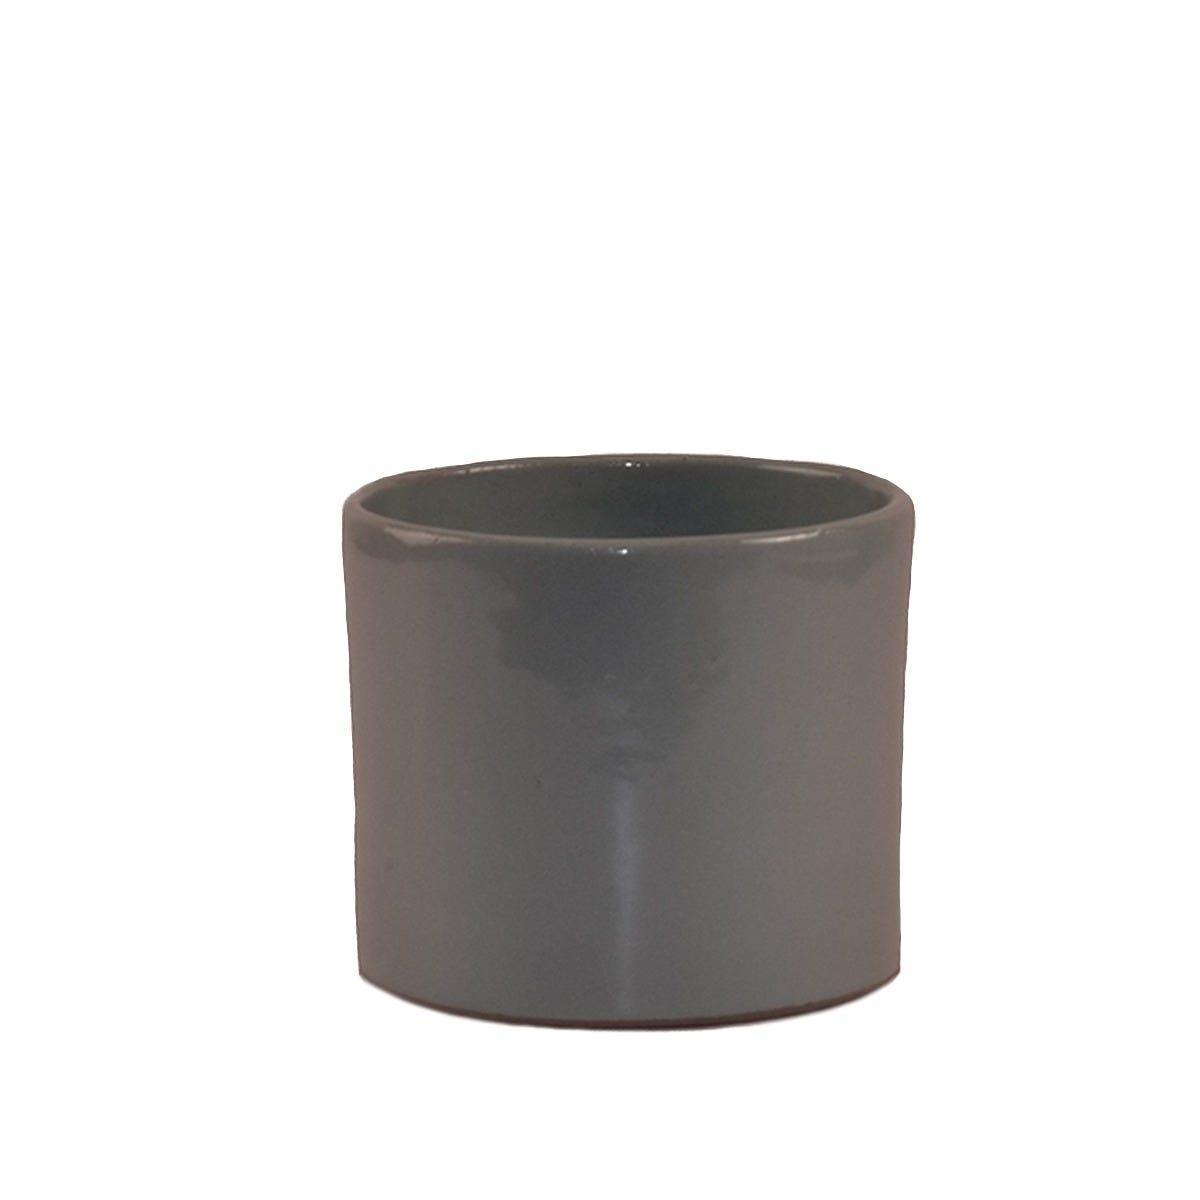 Maceta de pasta de barro Suculenta forma de cilindro de 10 cm